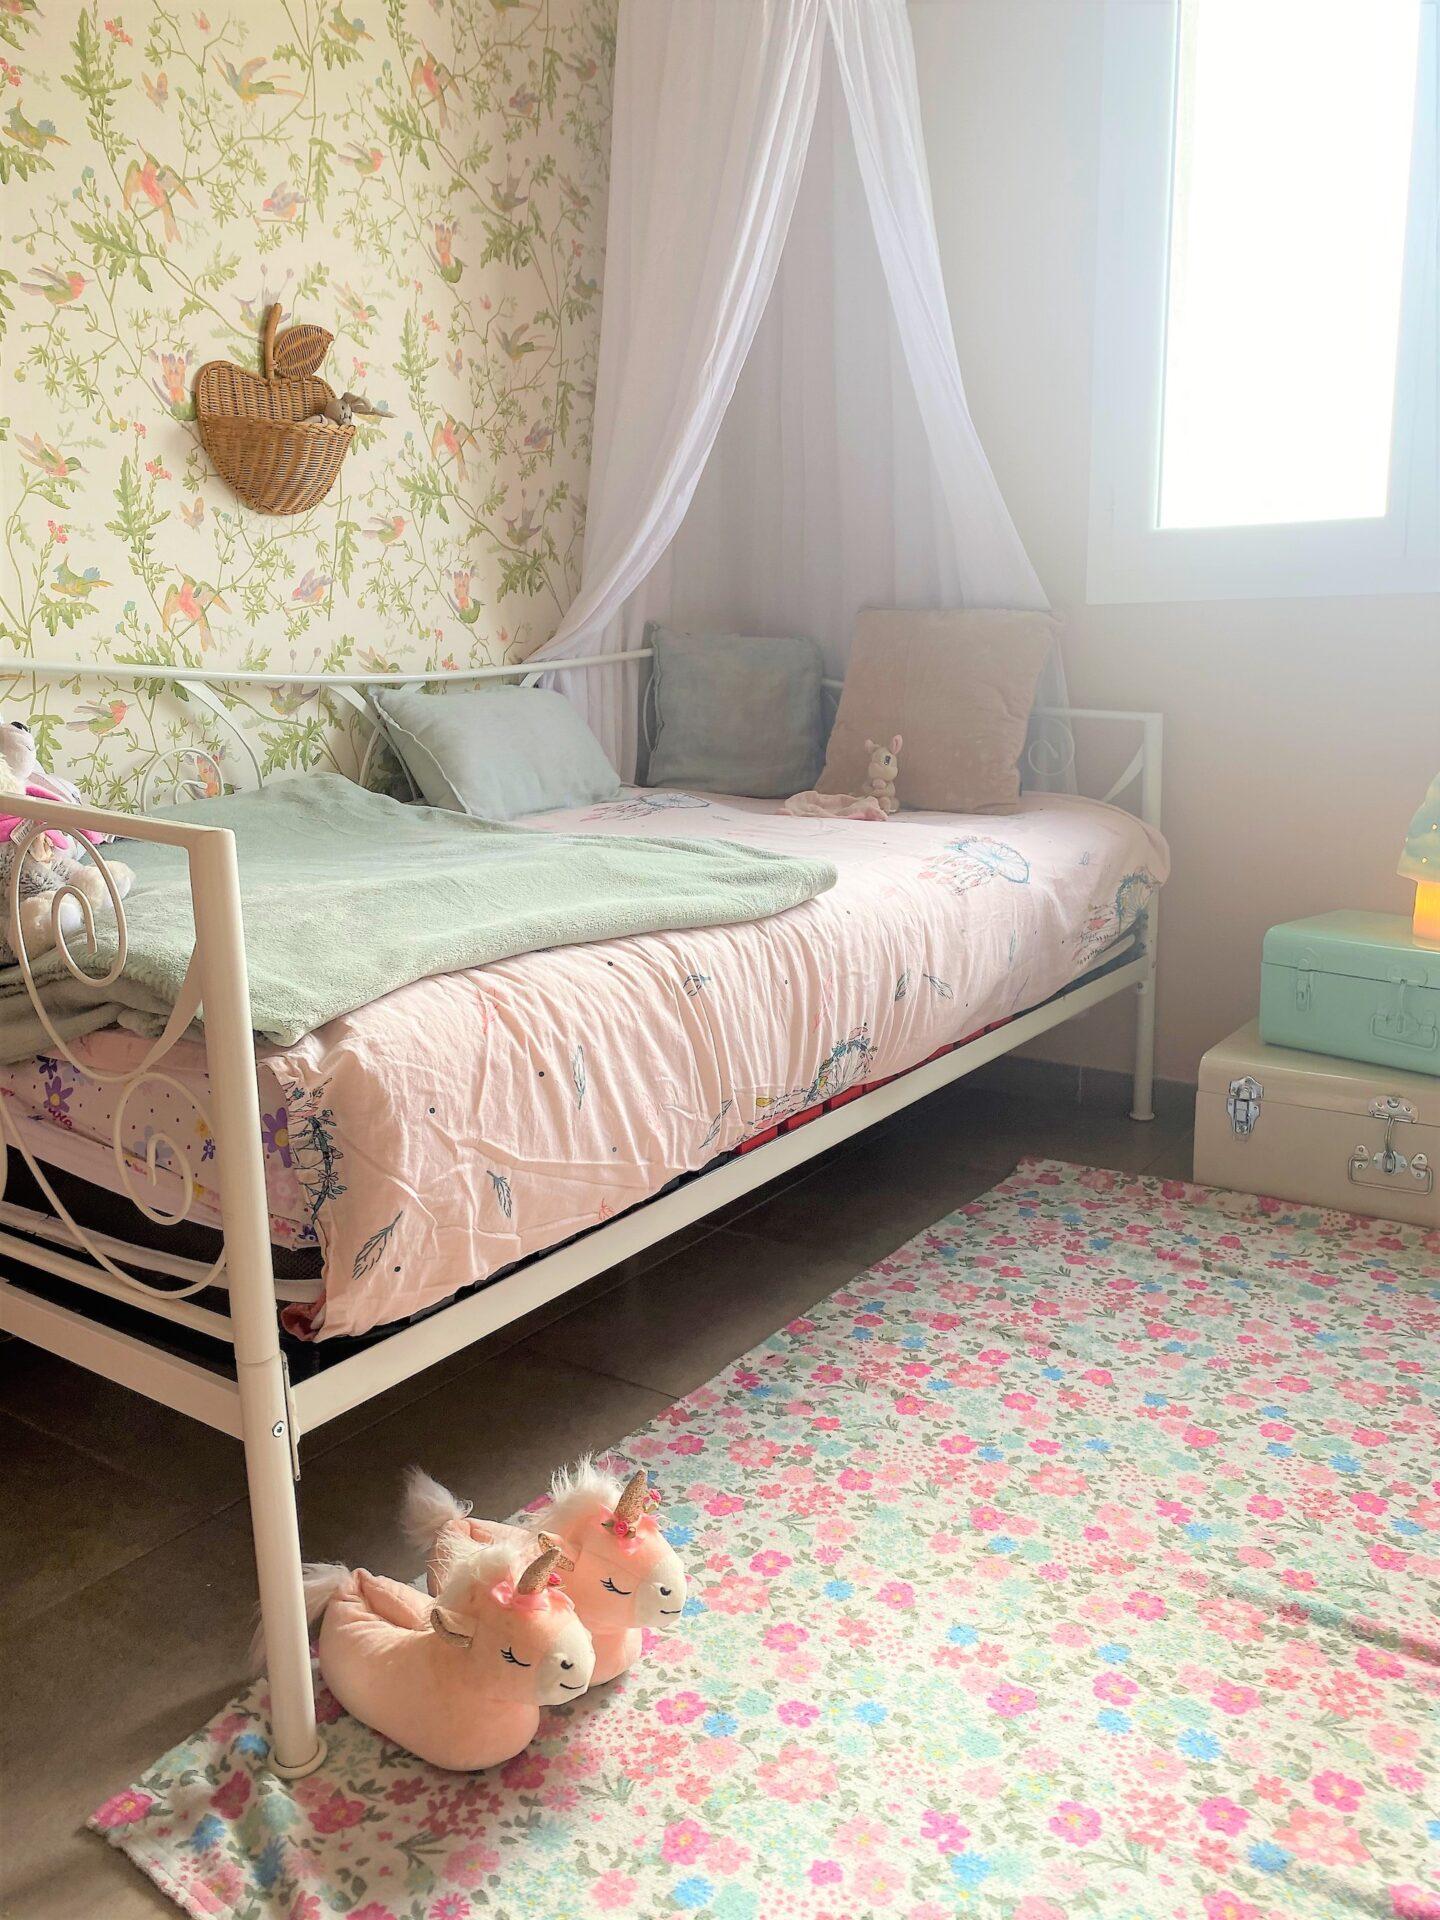 Décoration et agencement Villa à Saint Maximin la Sainte baume- La chambre fille au tapis à fleurs rose, par Myll décors , Agence de décoration à Aix en provence et dans le Var